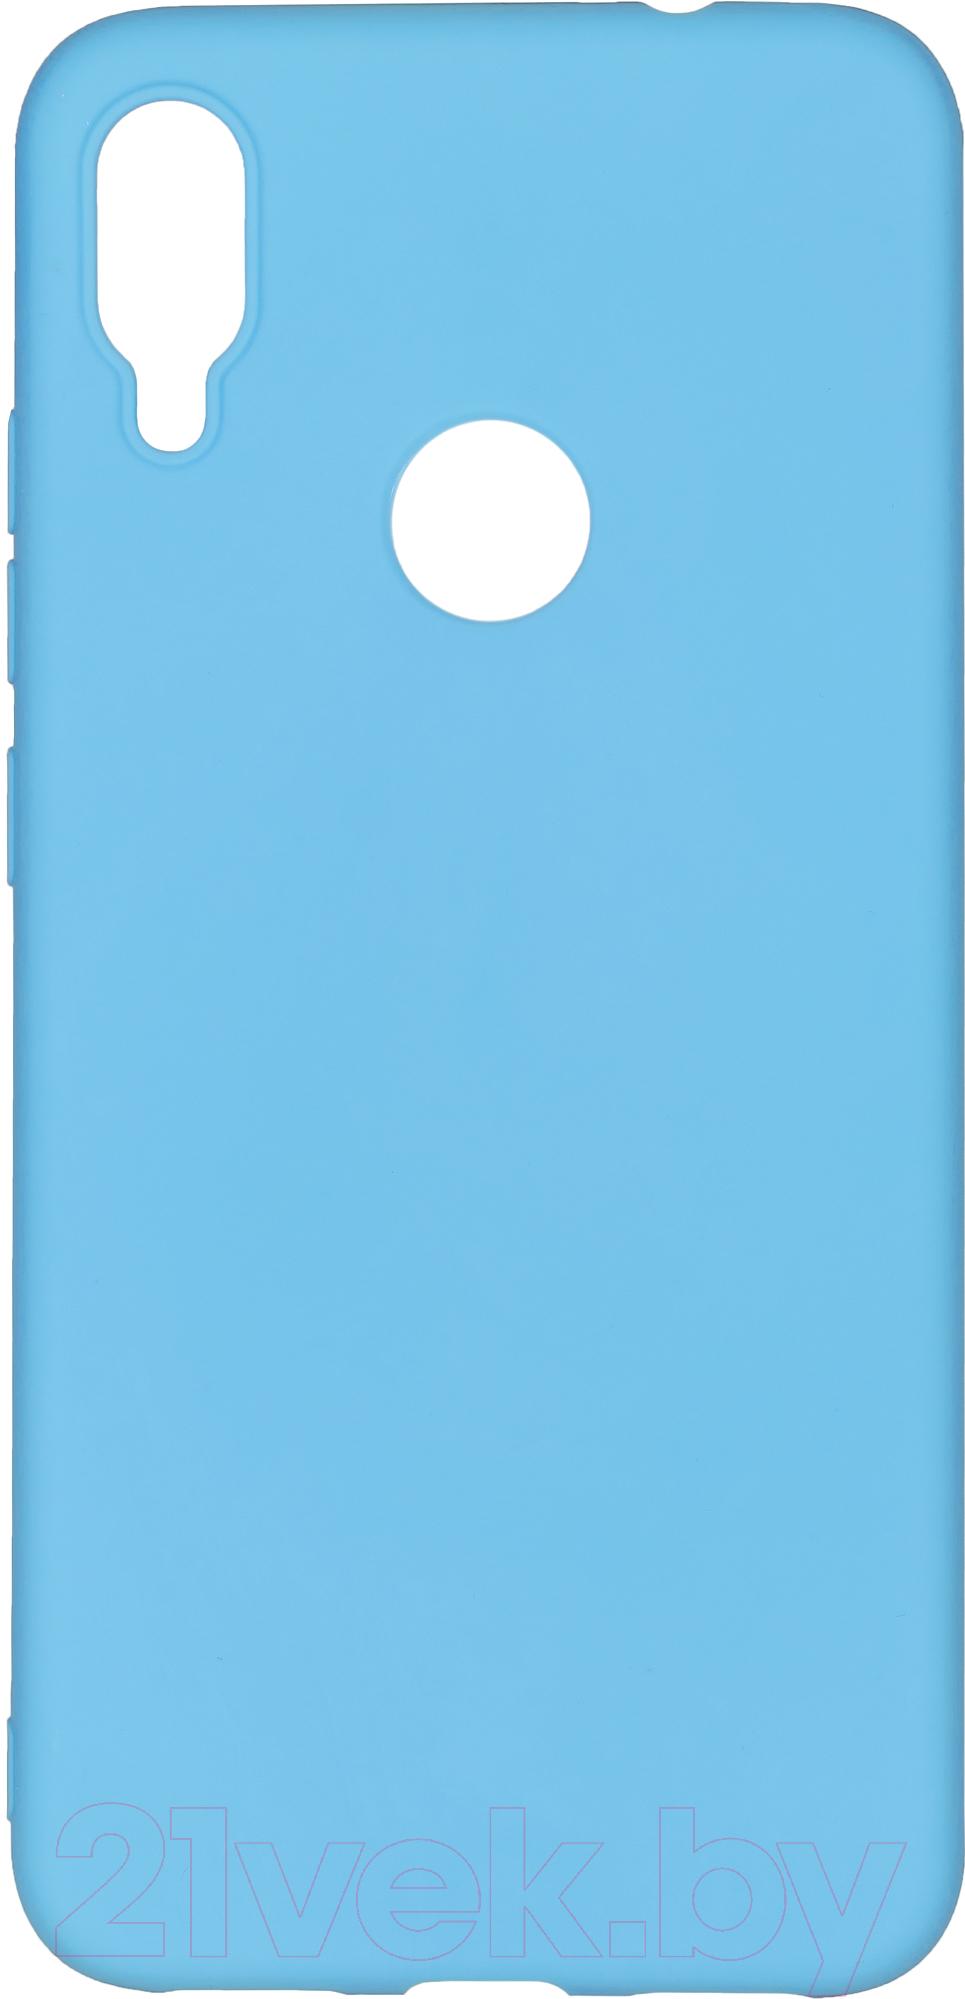 Купить Чехол-накладка Case, Matte для Redmi Note 7 (синий, матовый), Китай, полиуретан